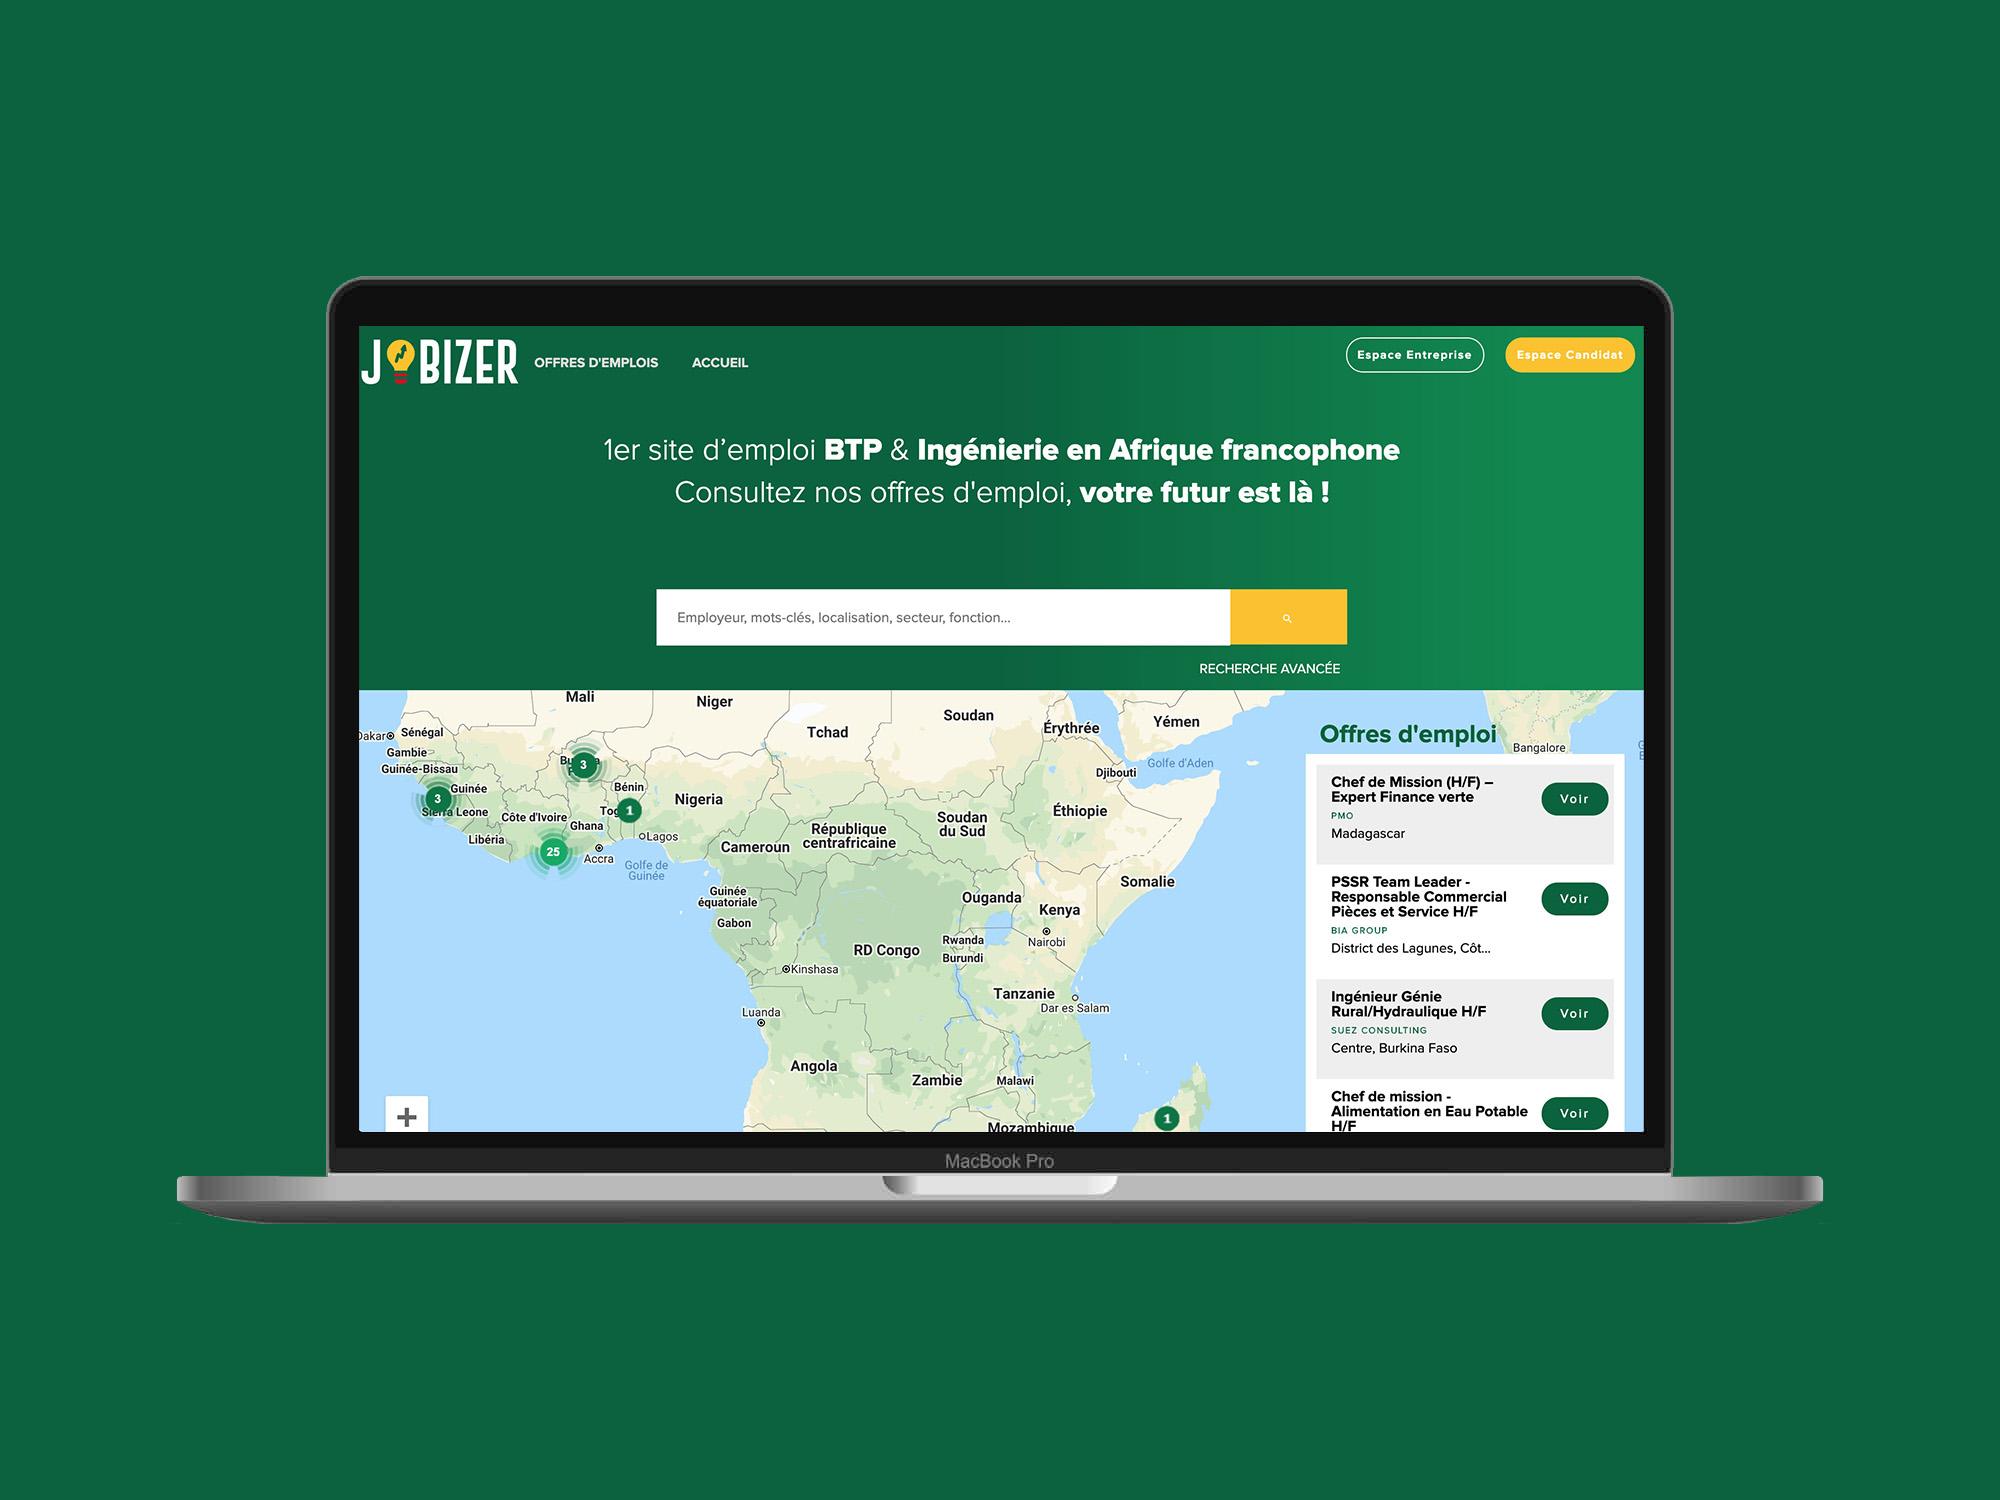 Nouveau site web de Jobizer